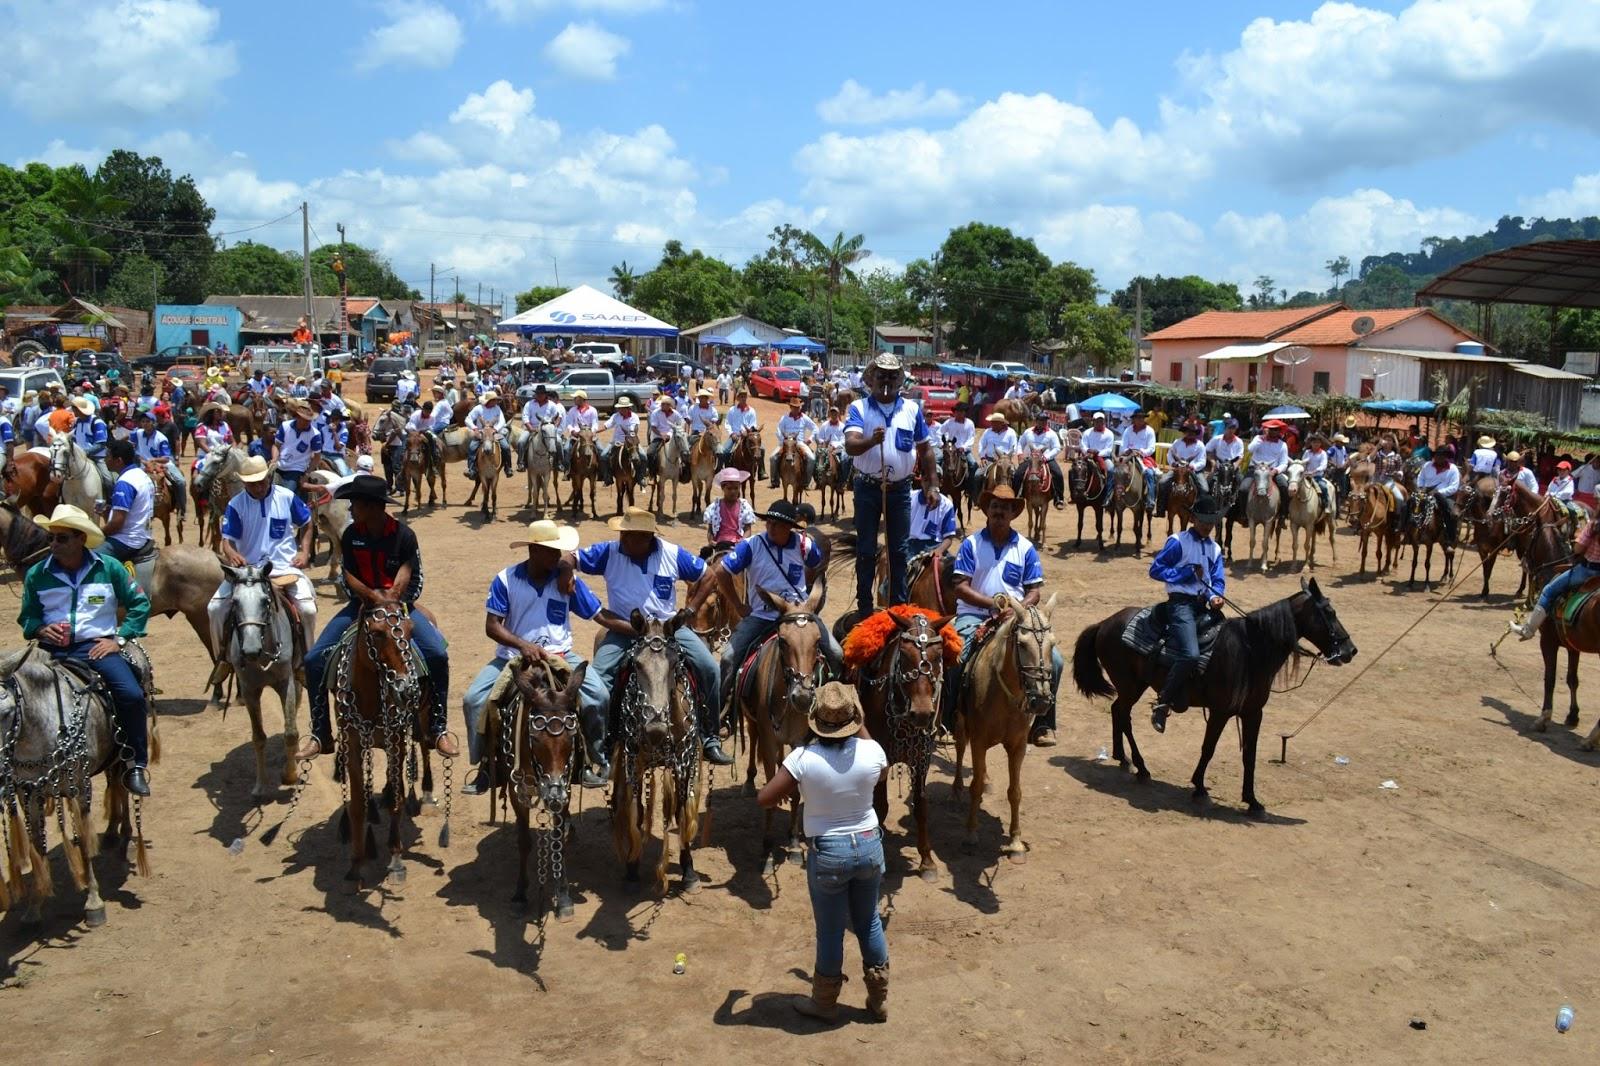 Aniversario de 22 anos da Vila Sanção em Parauapebas é comemorada com cavalgada e diversos shows